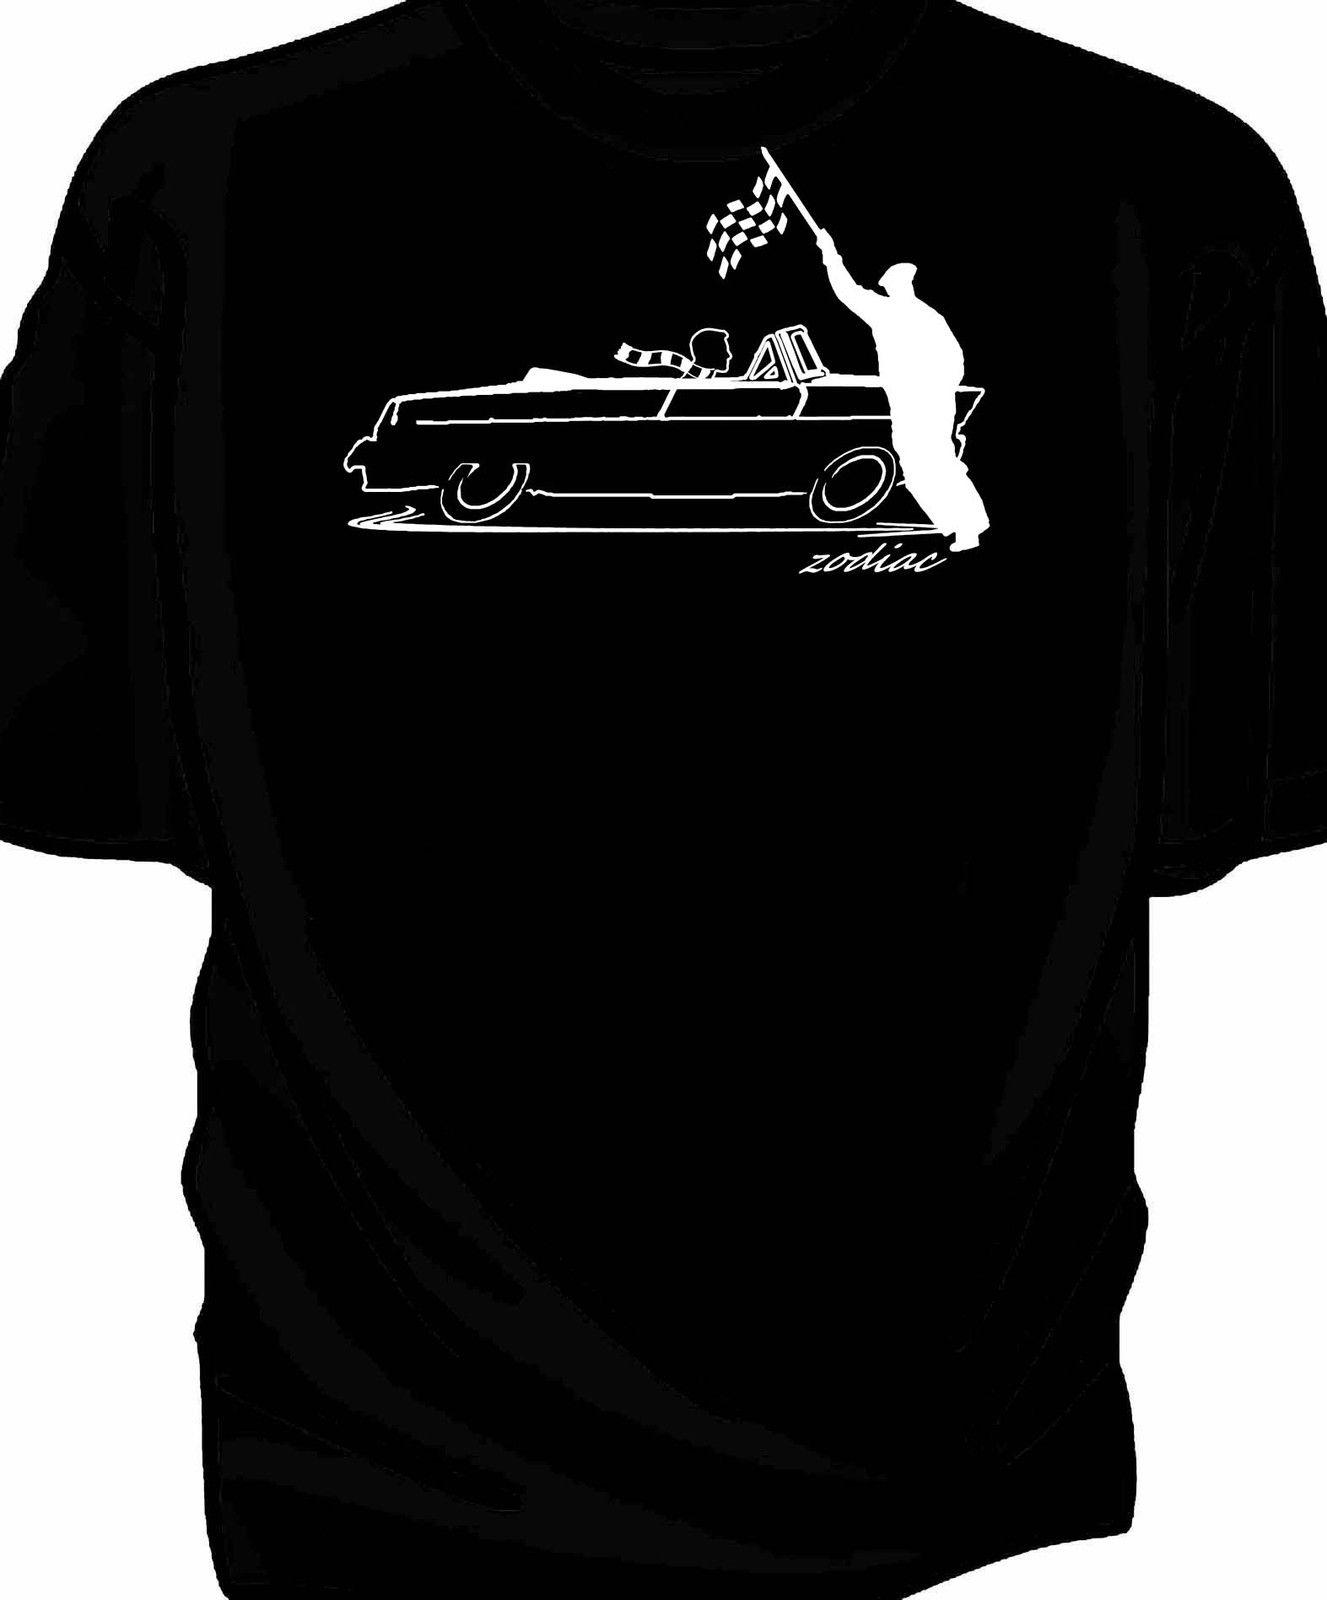 /'Original sketch/' Chequered flag retro t-shirt classic Zodiac Mk2 206e 1959